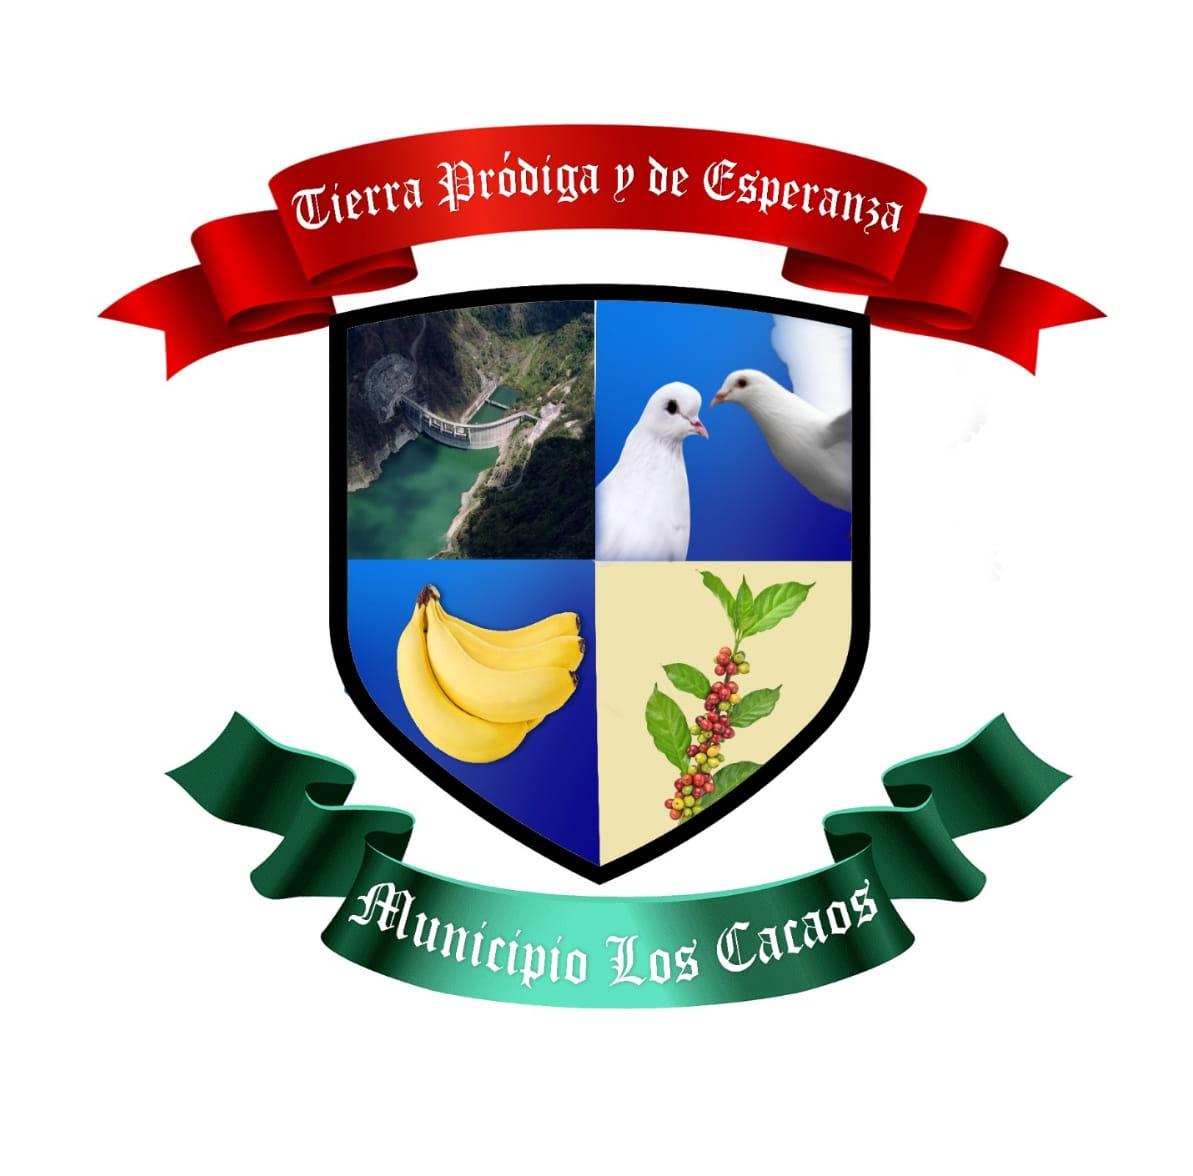 La DIGECOG reconoce al Ayuntamiento Municipal Los Cacaos